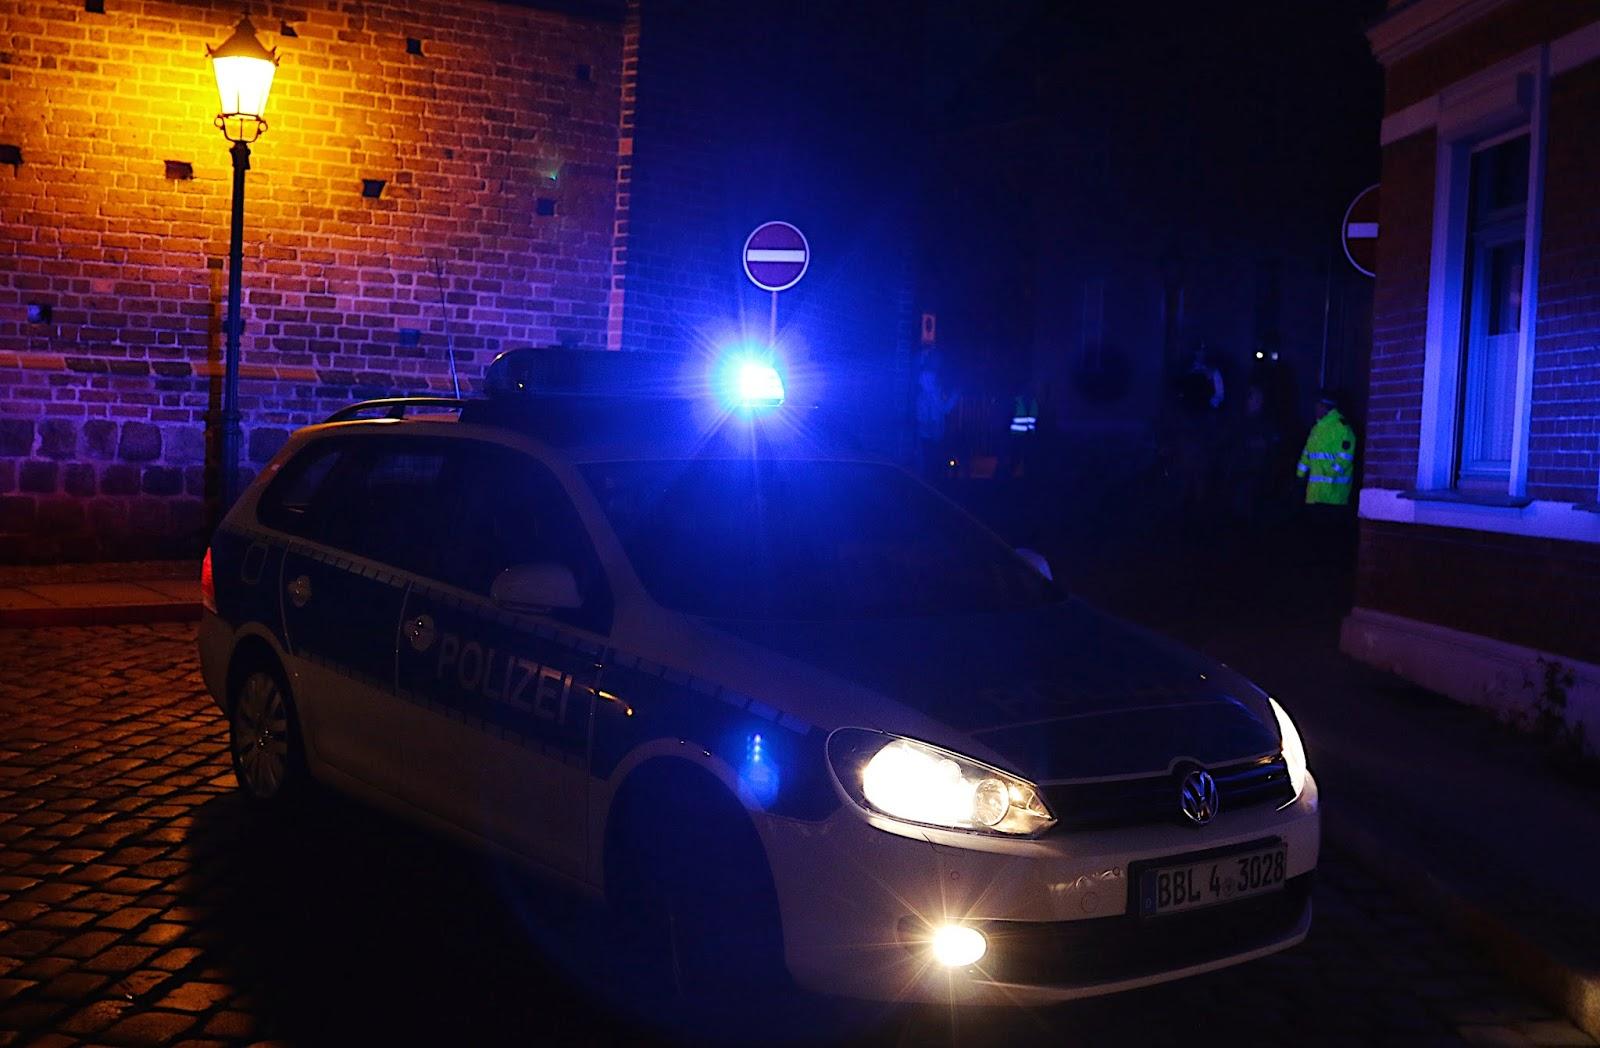 Wandlitz - Rüdnitz - Polizei Bernau - Barnim: Mehrere Fahrzeuge in Bernau aufgebrochen